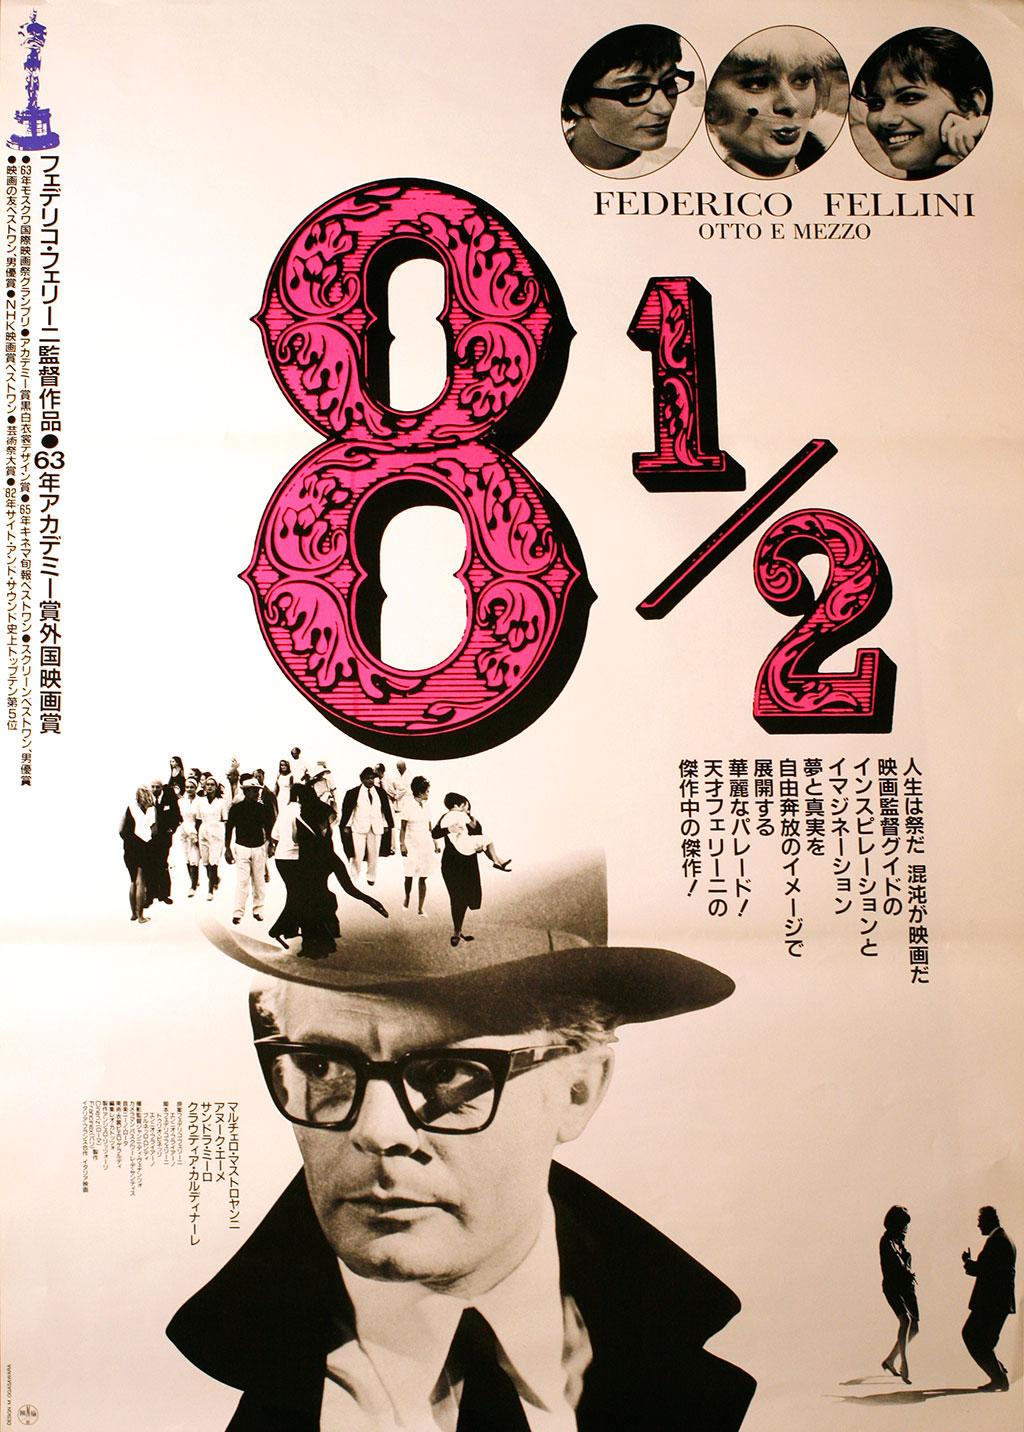 Otto e mezzo (1963) | Fellini: Circus of Light